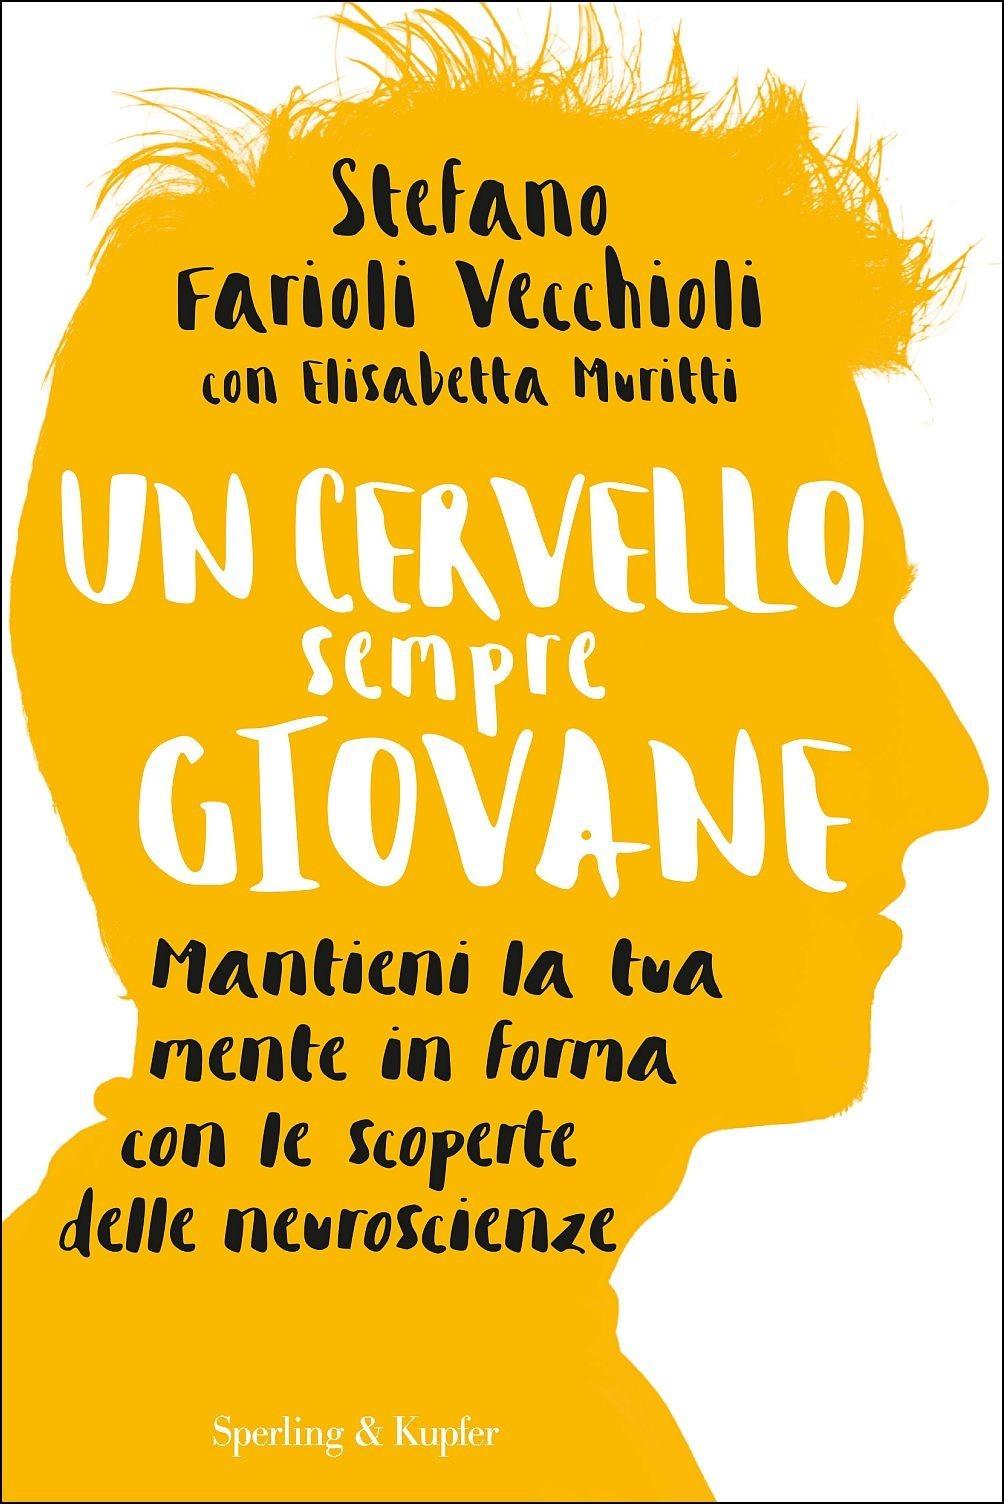 Recensione di Un Cervello Sempre Giovane – Stefano Farioli Vecchioli/ Elisabetta Muritti